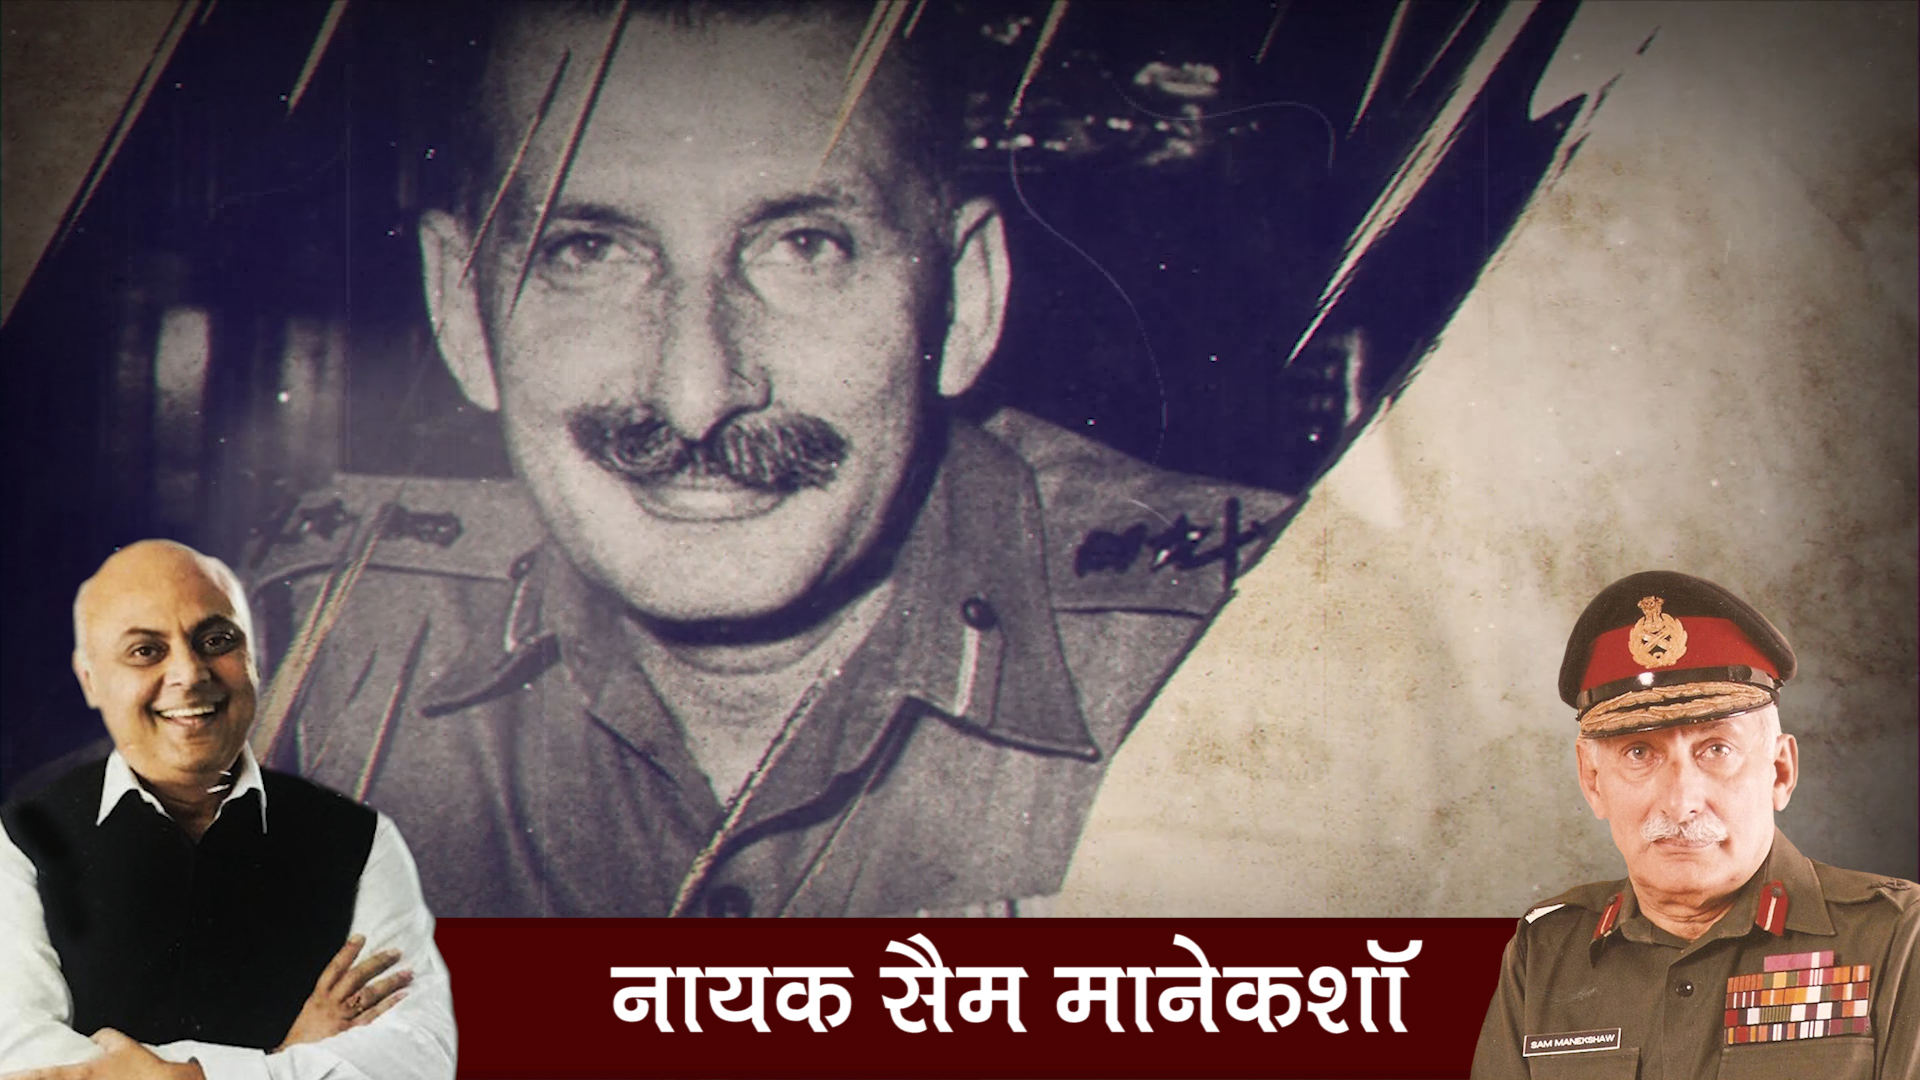 कहानी उस भारतीय सैनिक की जिसने Pakistan को धूल चटा दी थी, 1000 रुपए के बदले ले लिया था आधा Pakistan